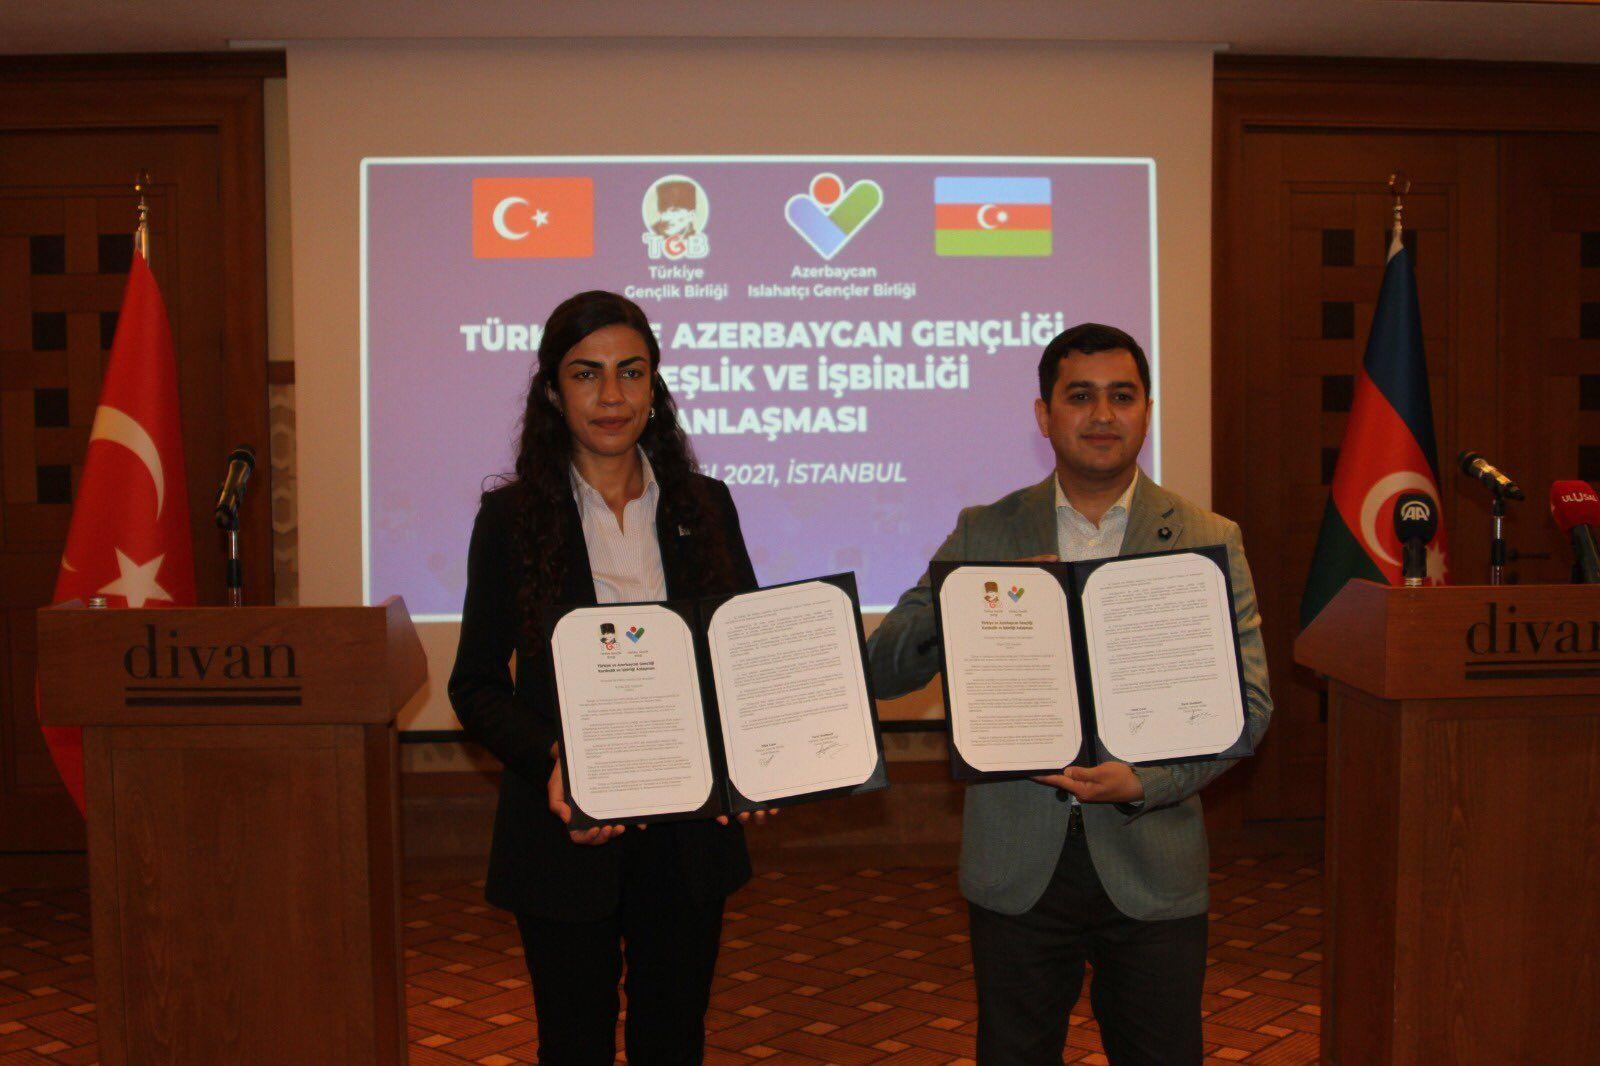 """EMPERYALİZME KARŞI MÜCADELE EDEN AZERBAYCAN VE TÜRK GENÇLERİ, """"KARDEŞLİK VE İŞBİRLİĞİ ANLAŞMASI"""" İMZALADI!"""